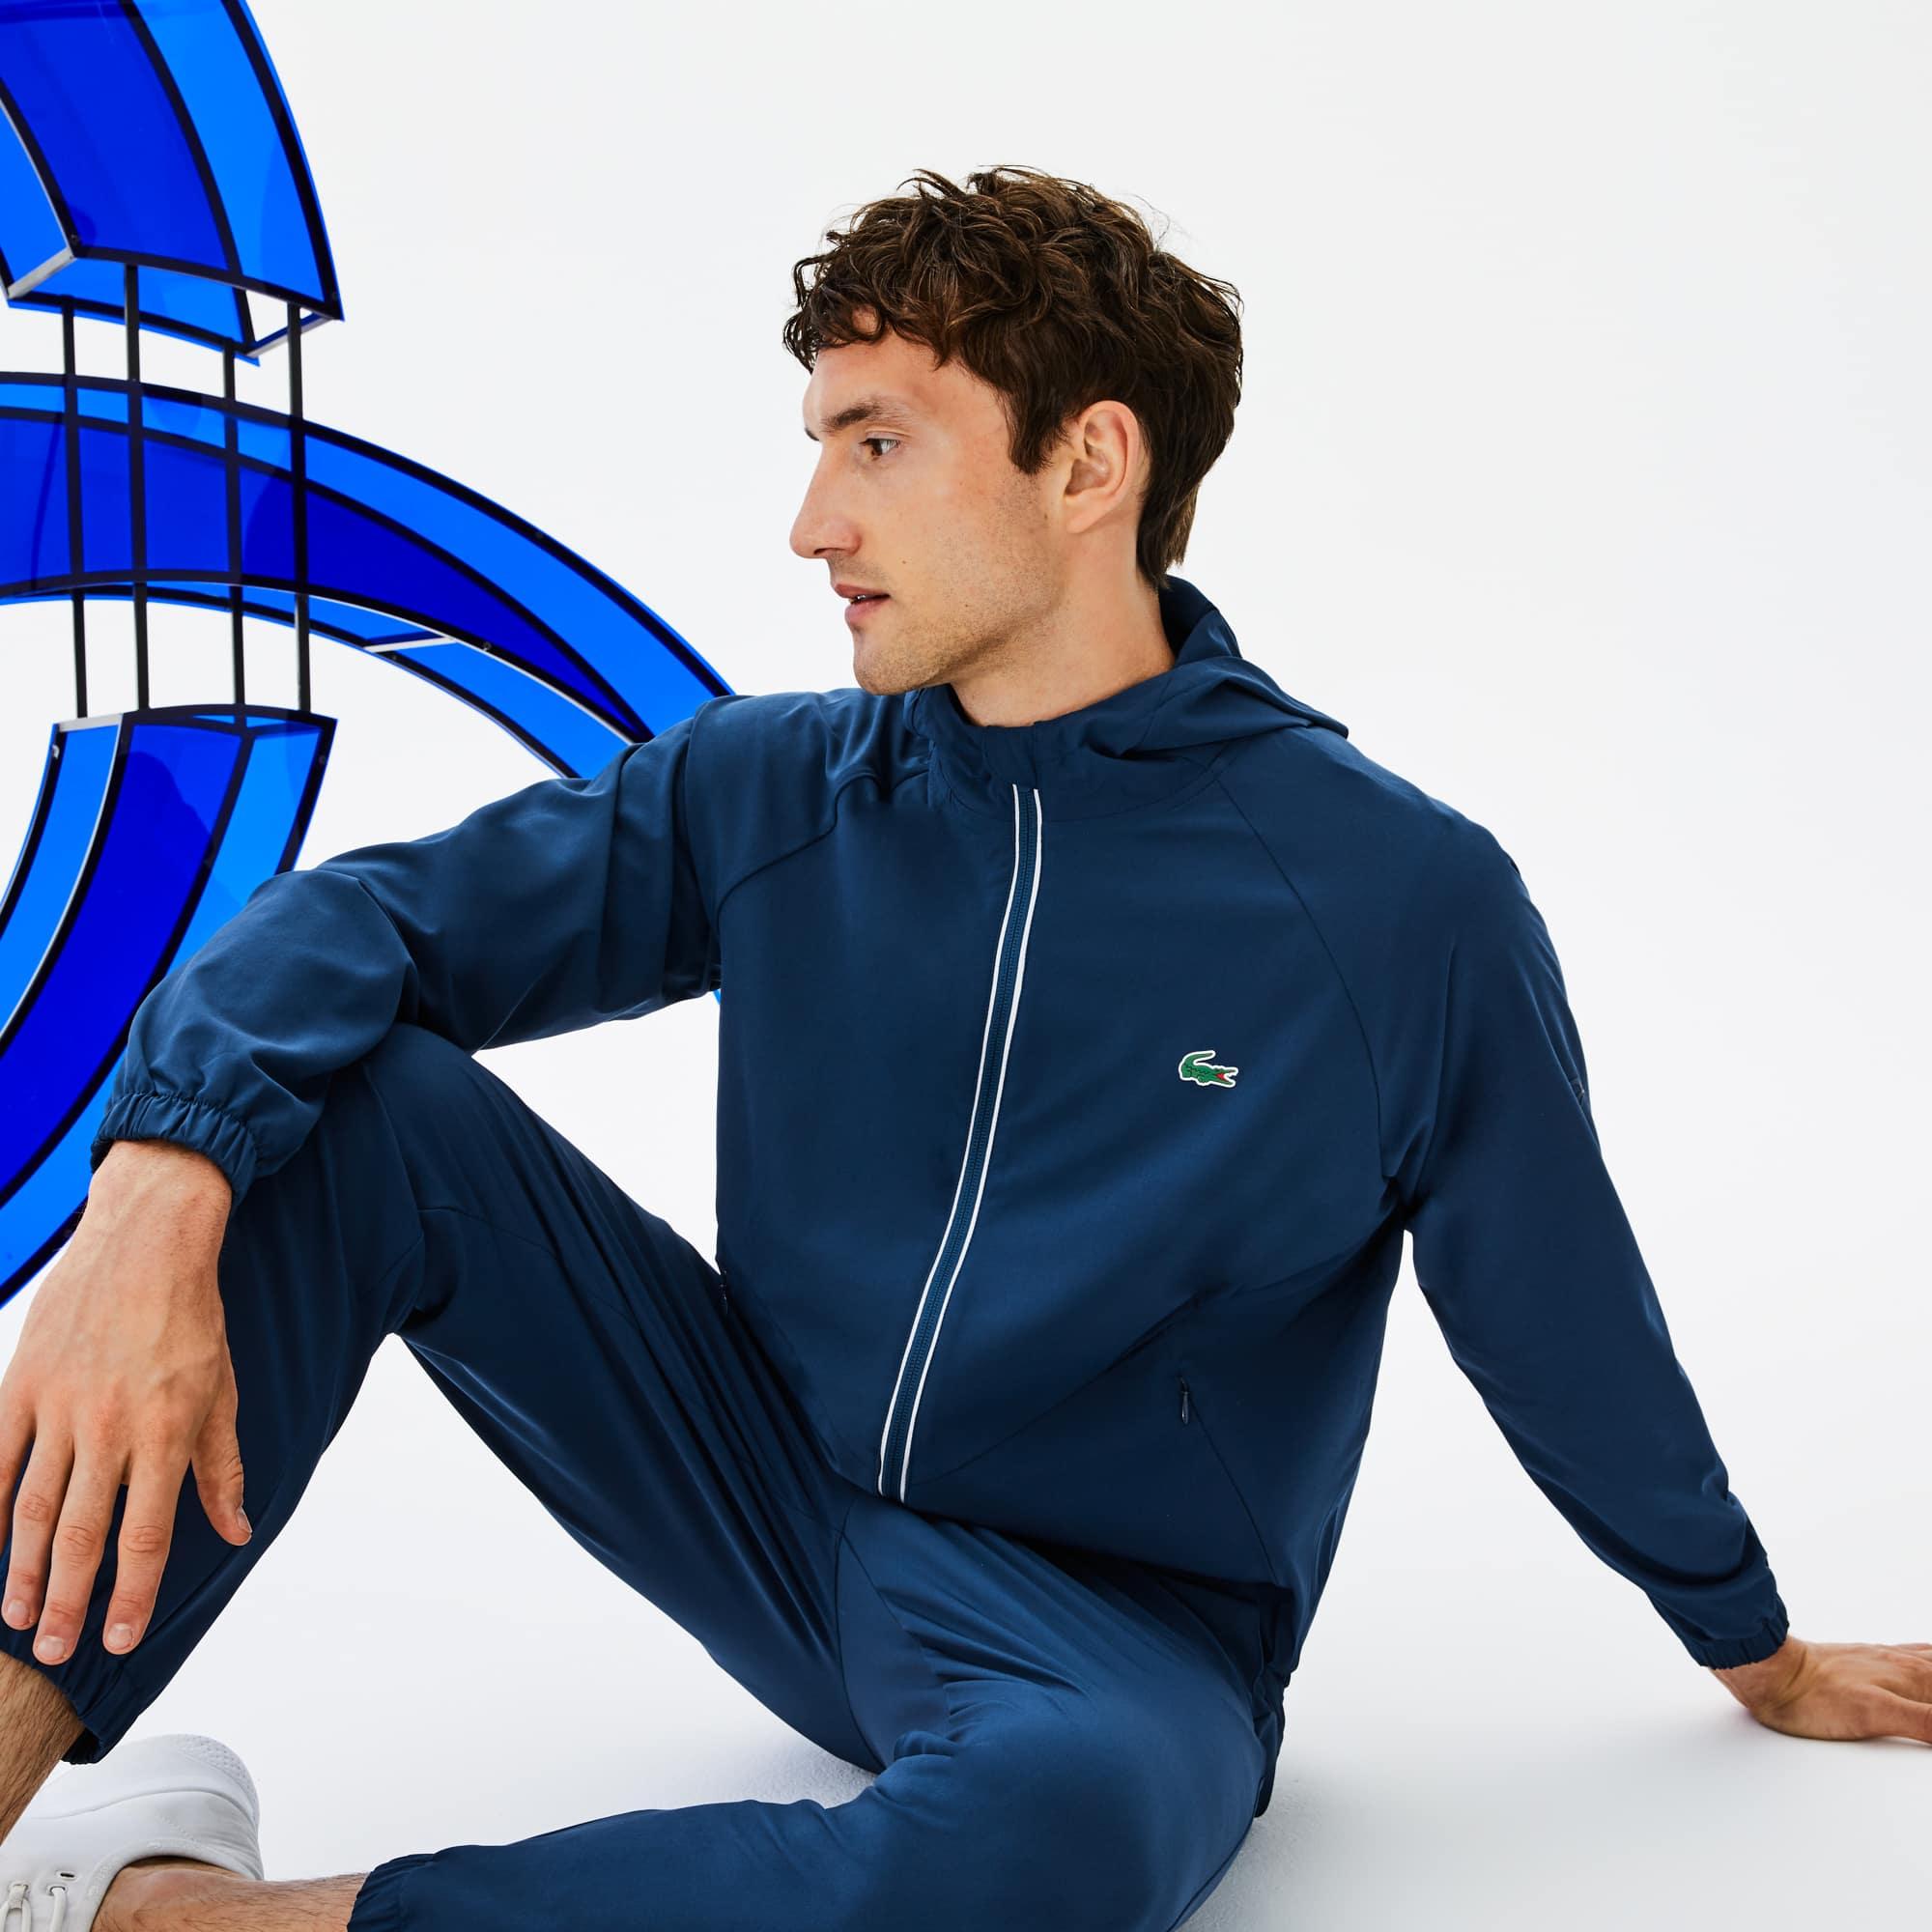 Veste à capuche Lacoste SPORT Collection Novak Djokovic - Off Court Premium en midlayer technique stretch